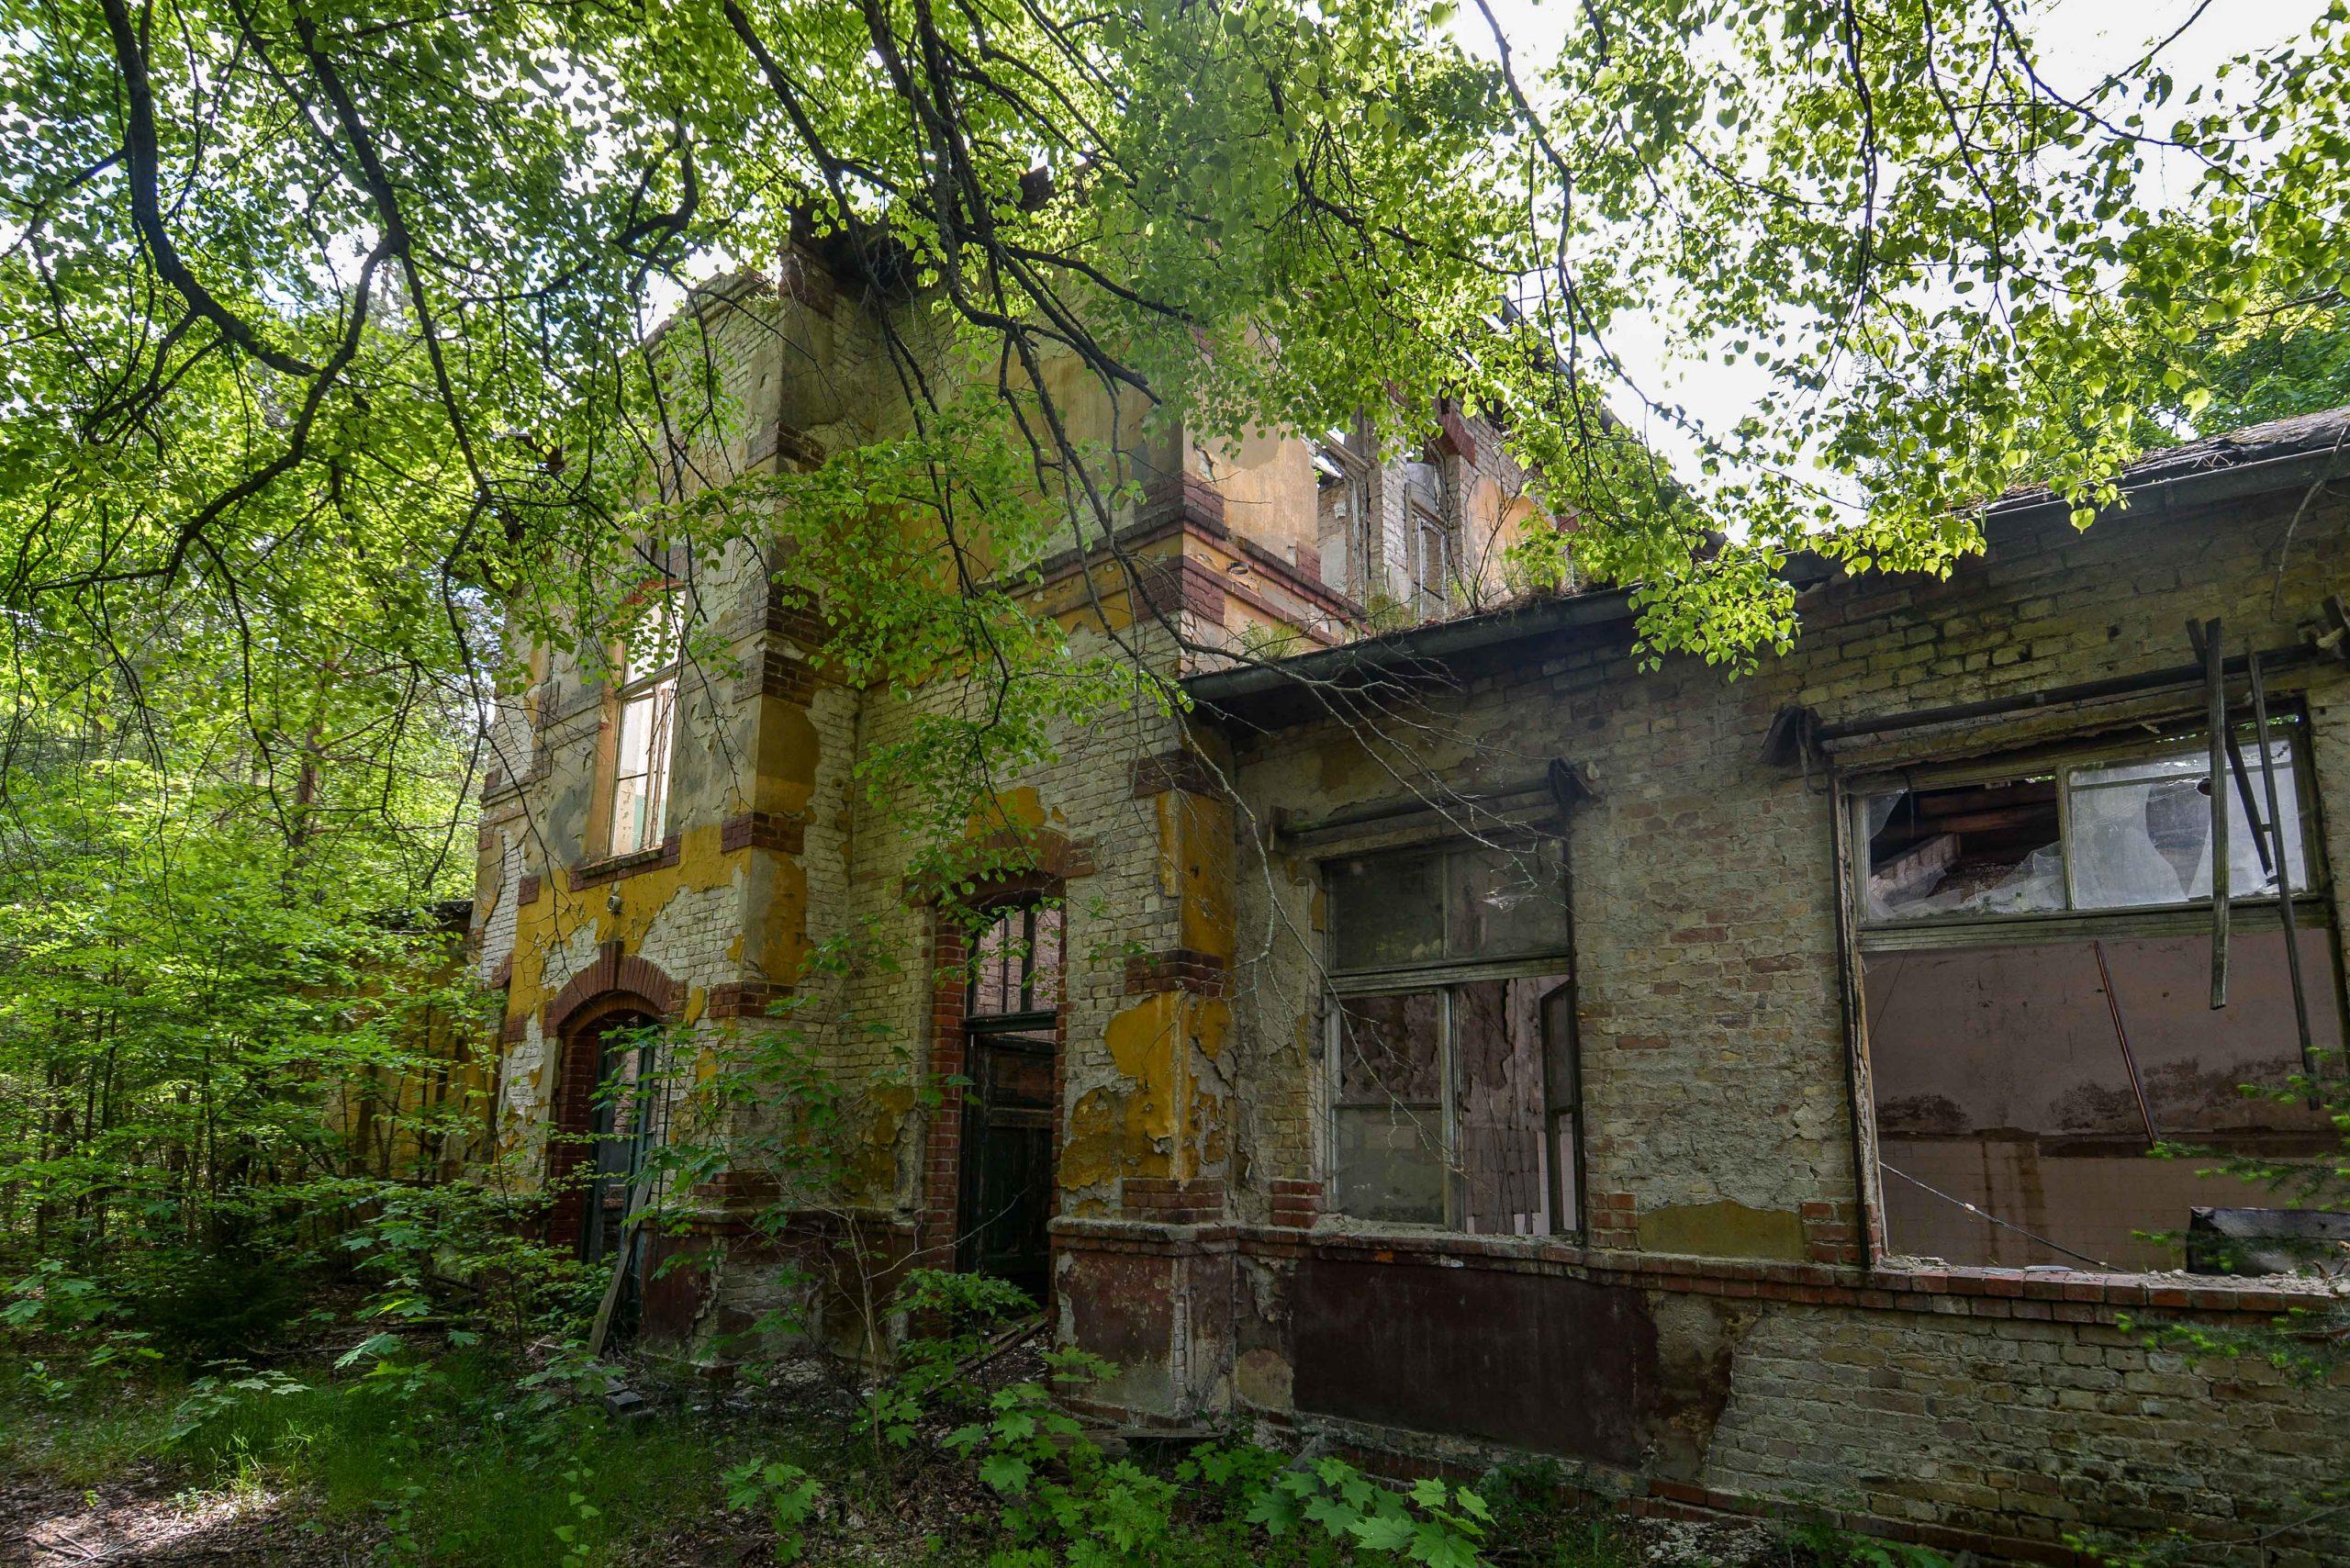 abandoned building ruin tuberkulose heilstaette grabowsee sanatorium oranienburg lost places abandoned urbex brandenburg germany deutschland